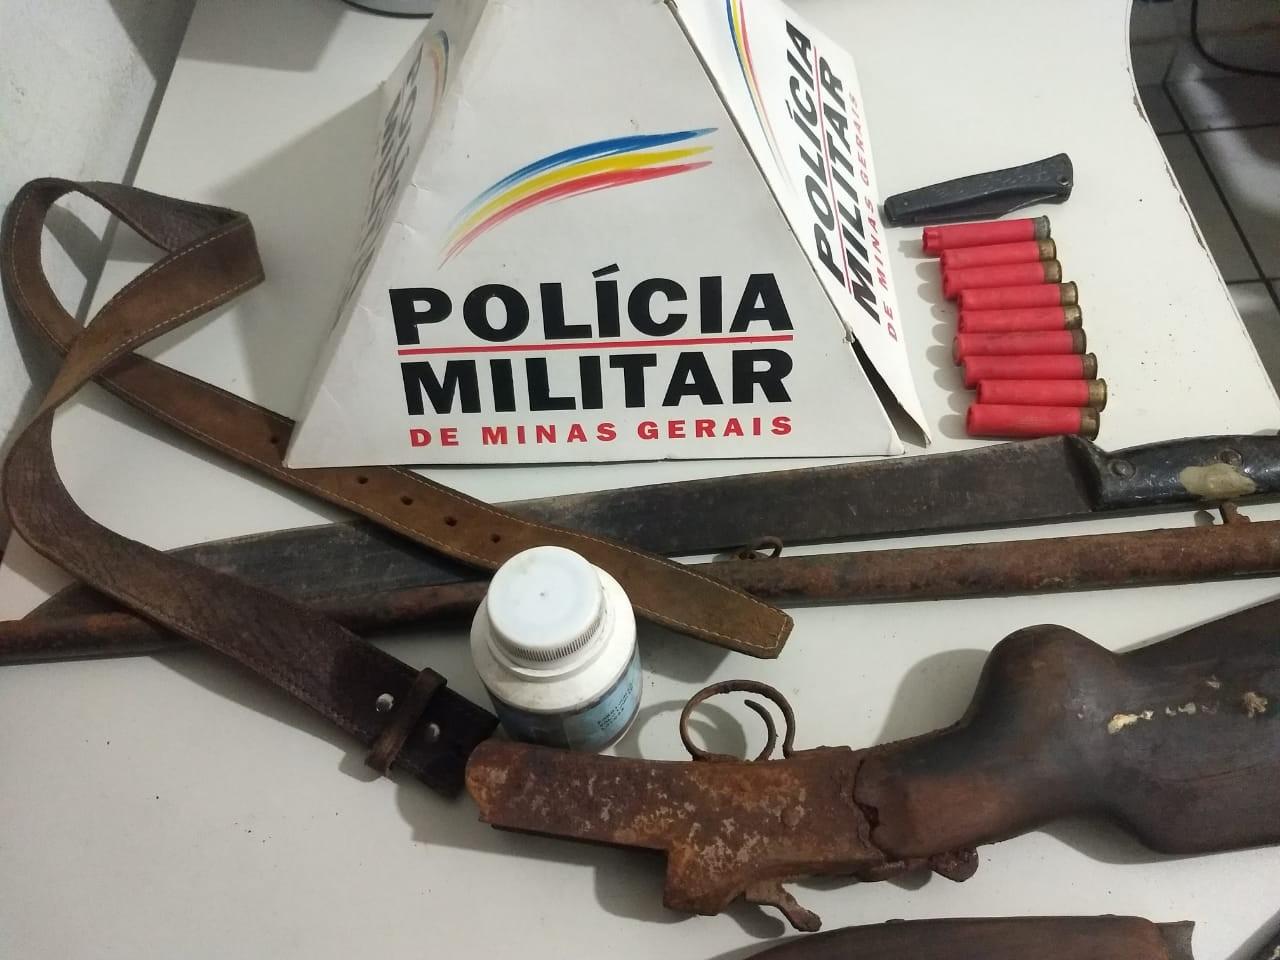 Polícia prende suspeito de agredir e manter mulher e criança em cárcere privado em Conselheiro Pena - Noticias